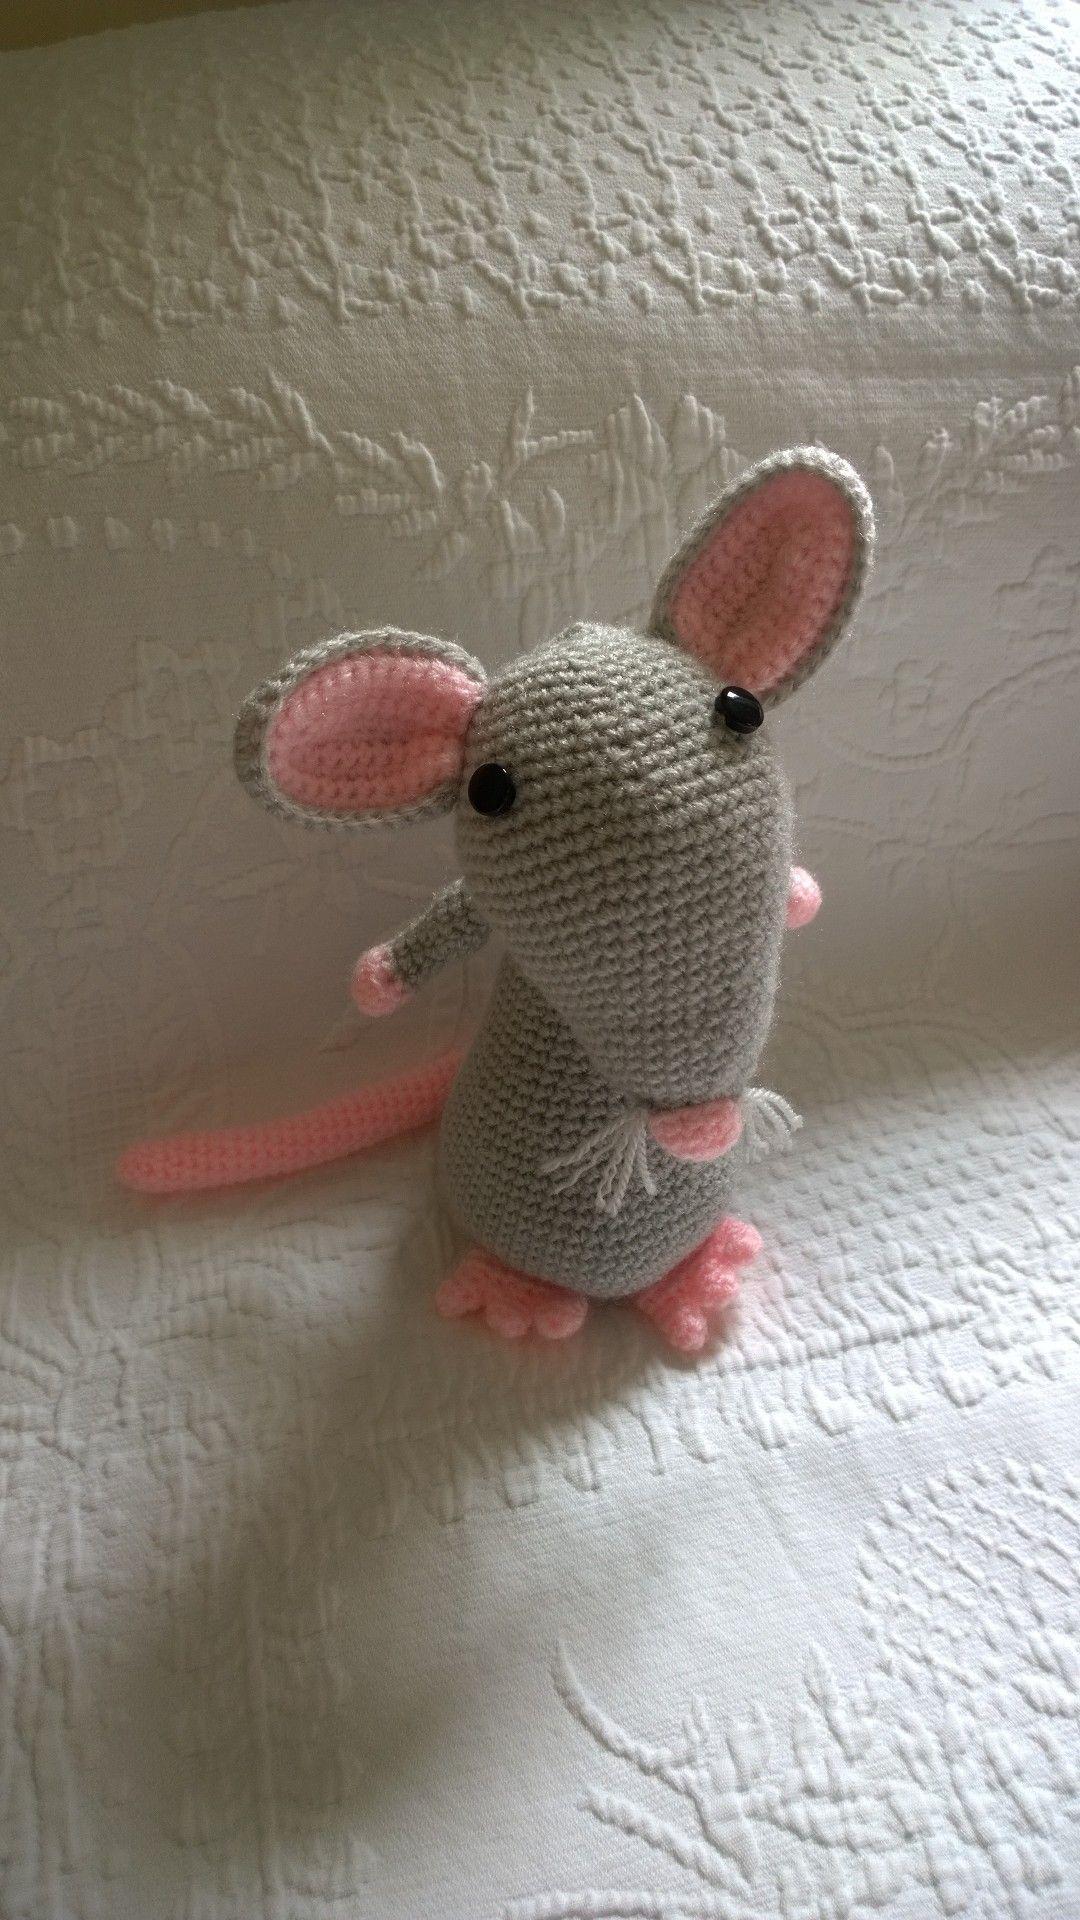 Ratita amigurumi! :D Hecha con un patrón de Picapau.